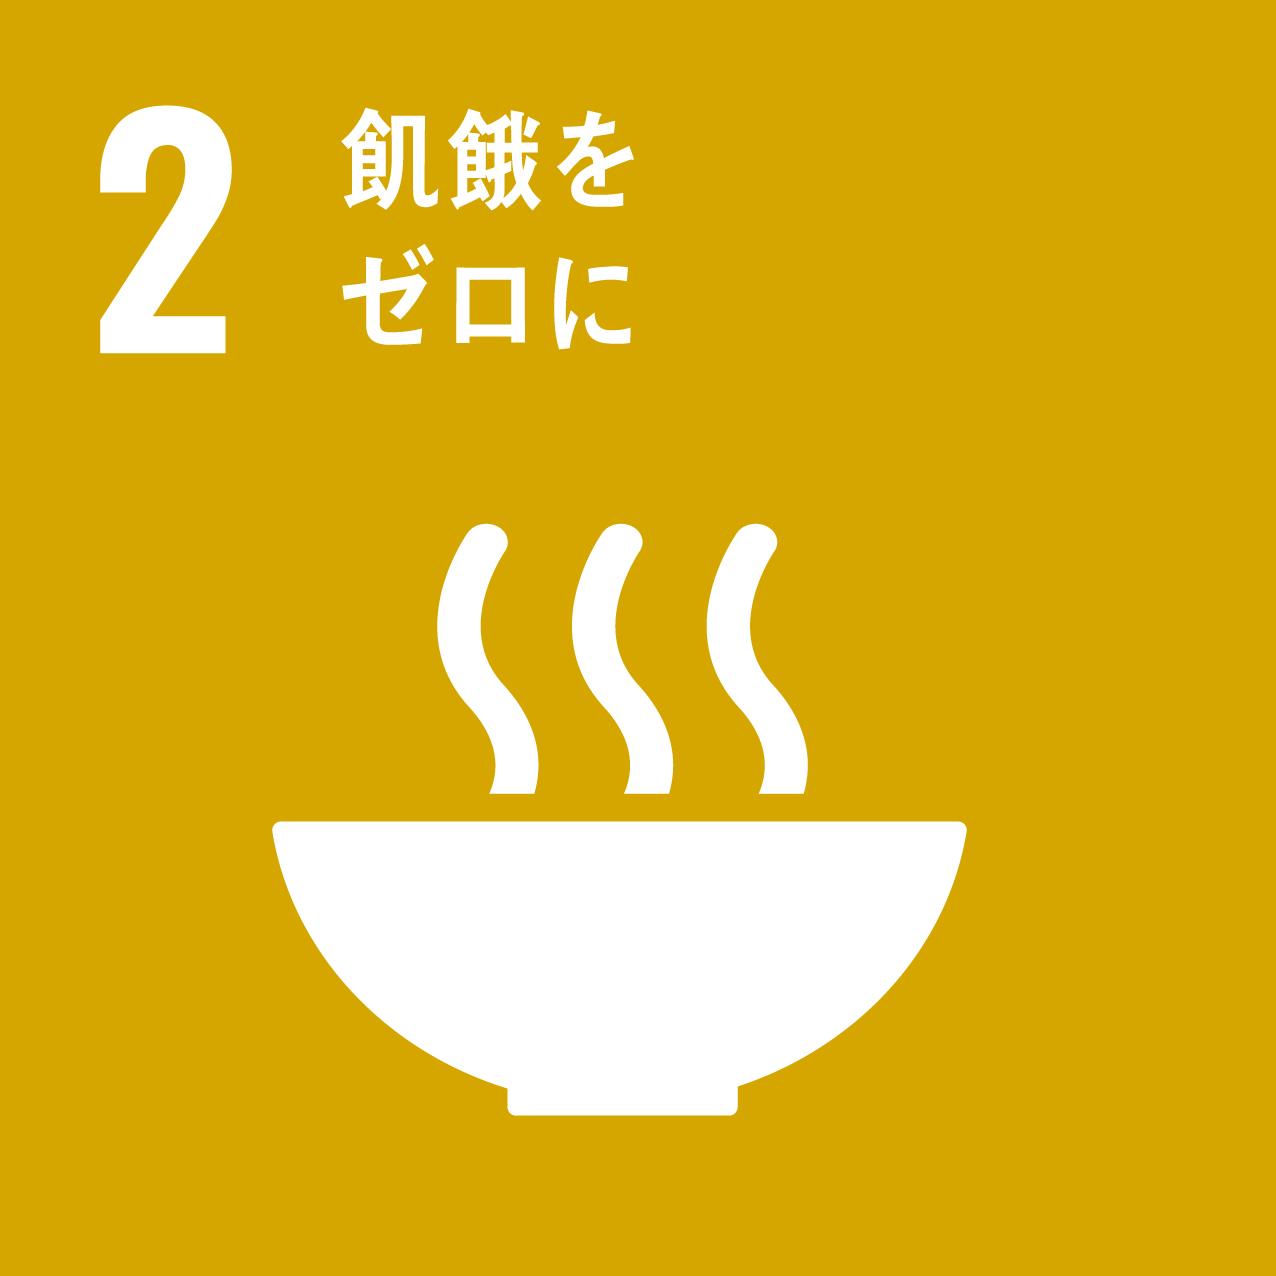 SDGsのアイコン「飢餓をゼロに」